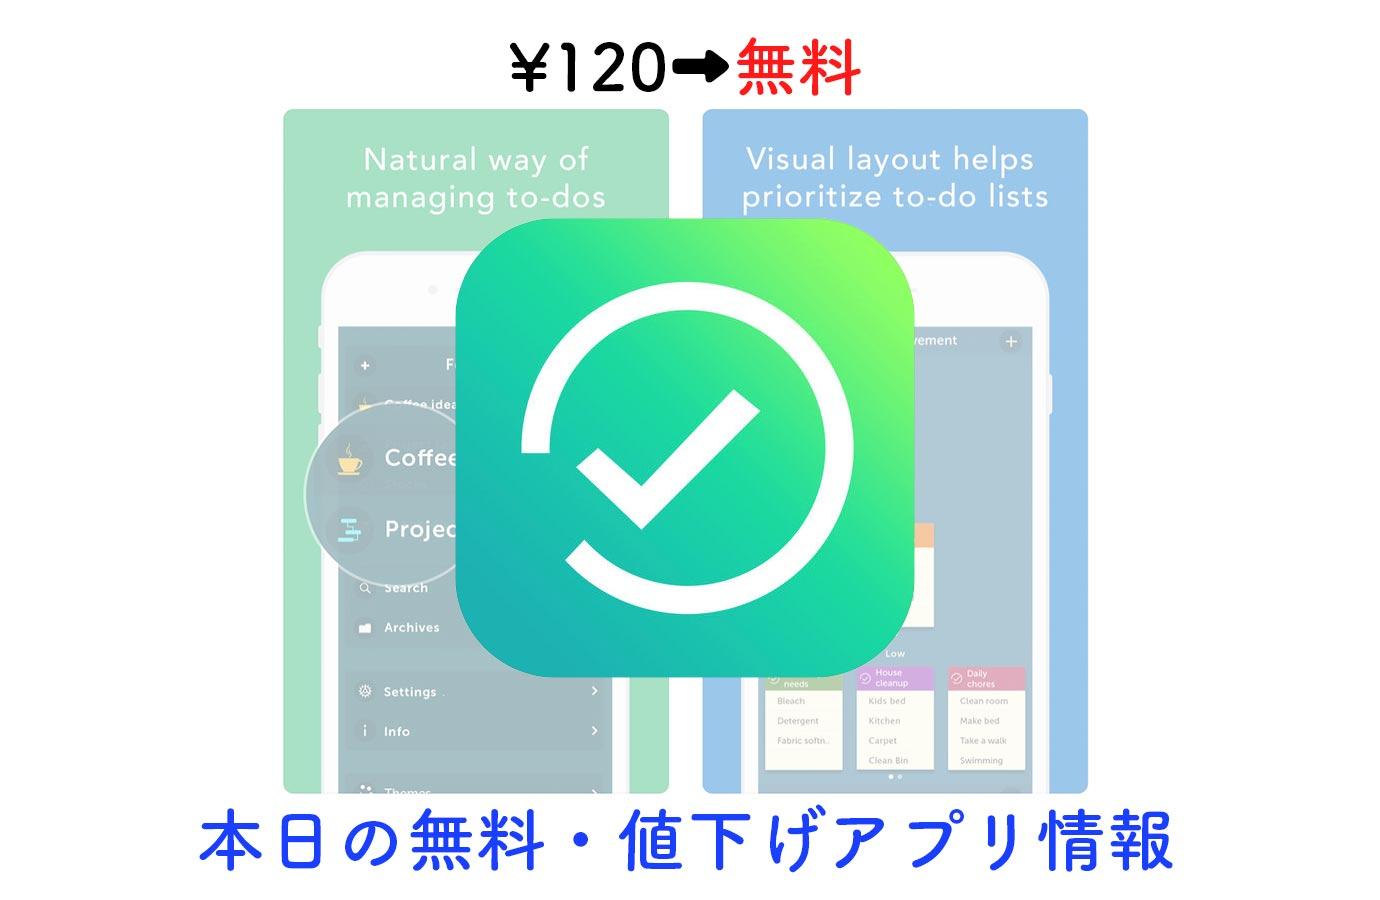 ¥120→無料、付箋のようなデザインが分かりやすいTodoアプリ「Orderly」など【2/5】本日の無料・値下げアプリ情報